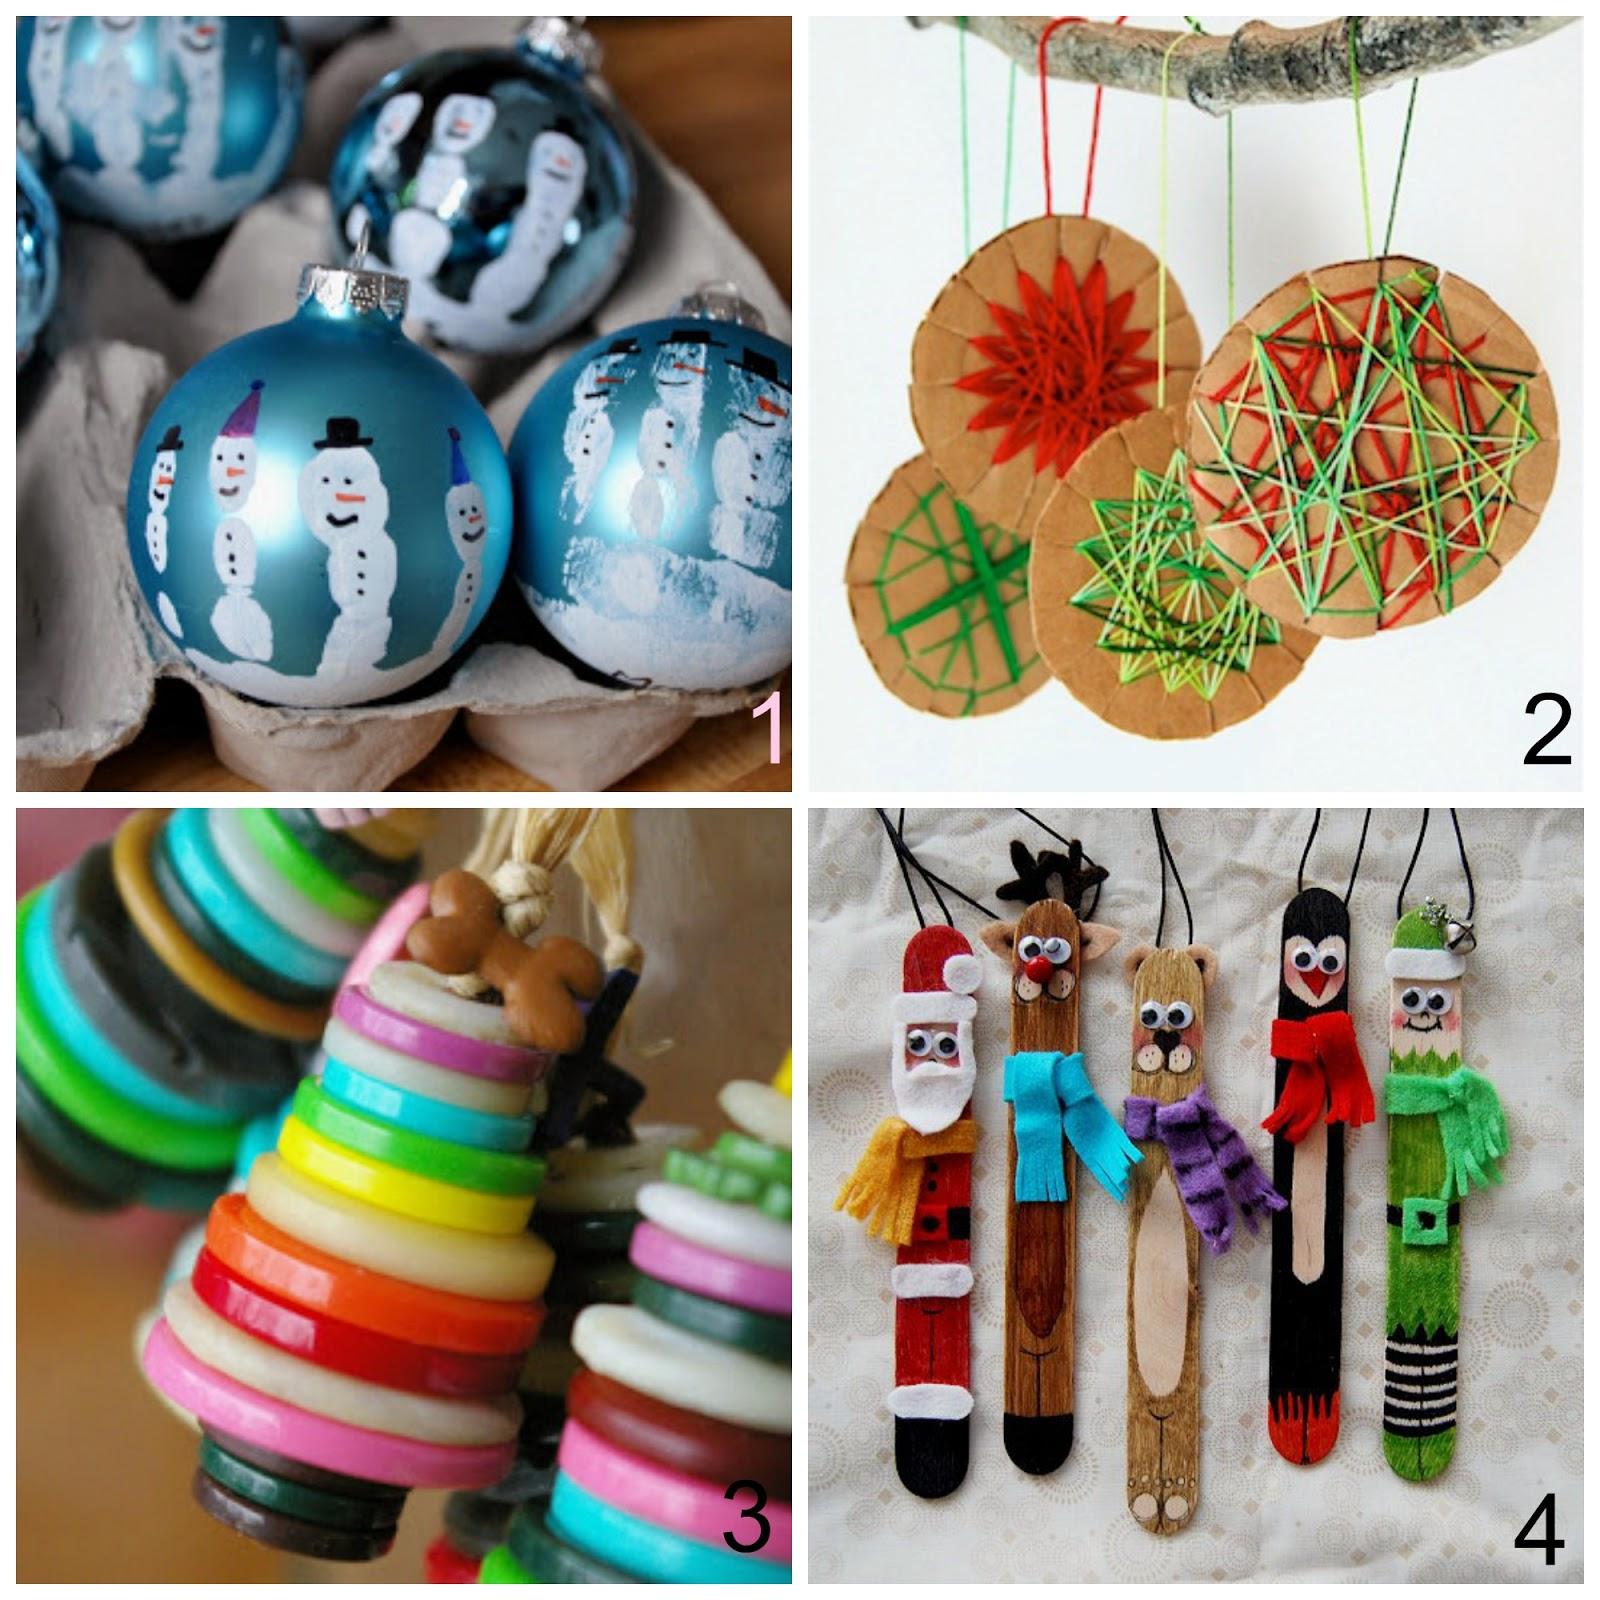 Mamma aiuta mamma creare decorazioni per l 39 albero di - Creare decorazioni per natale ...